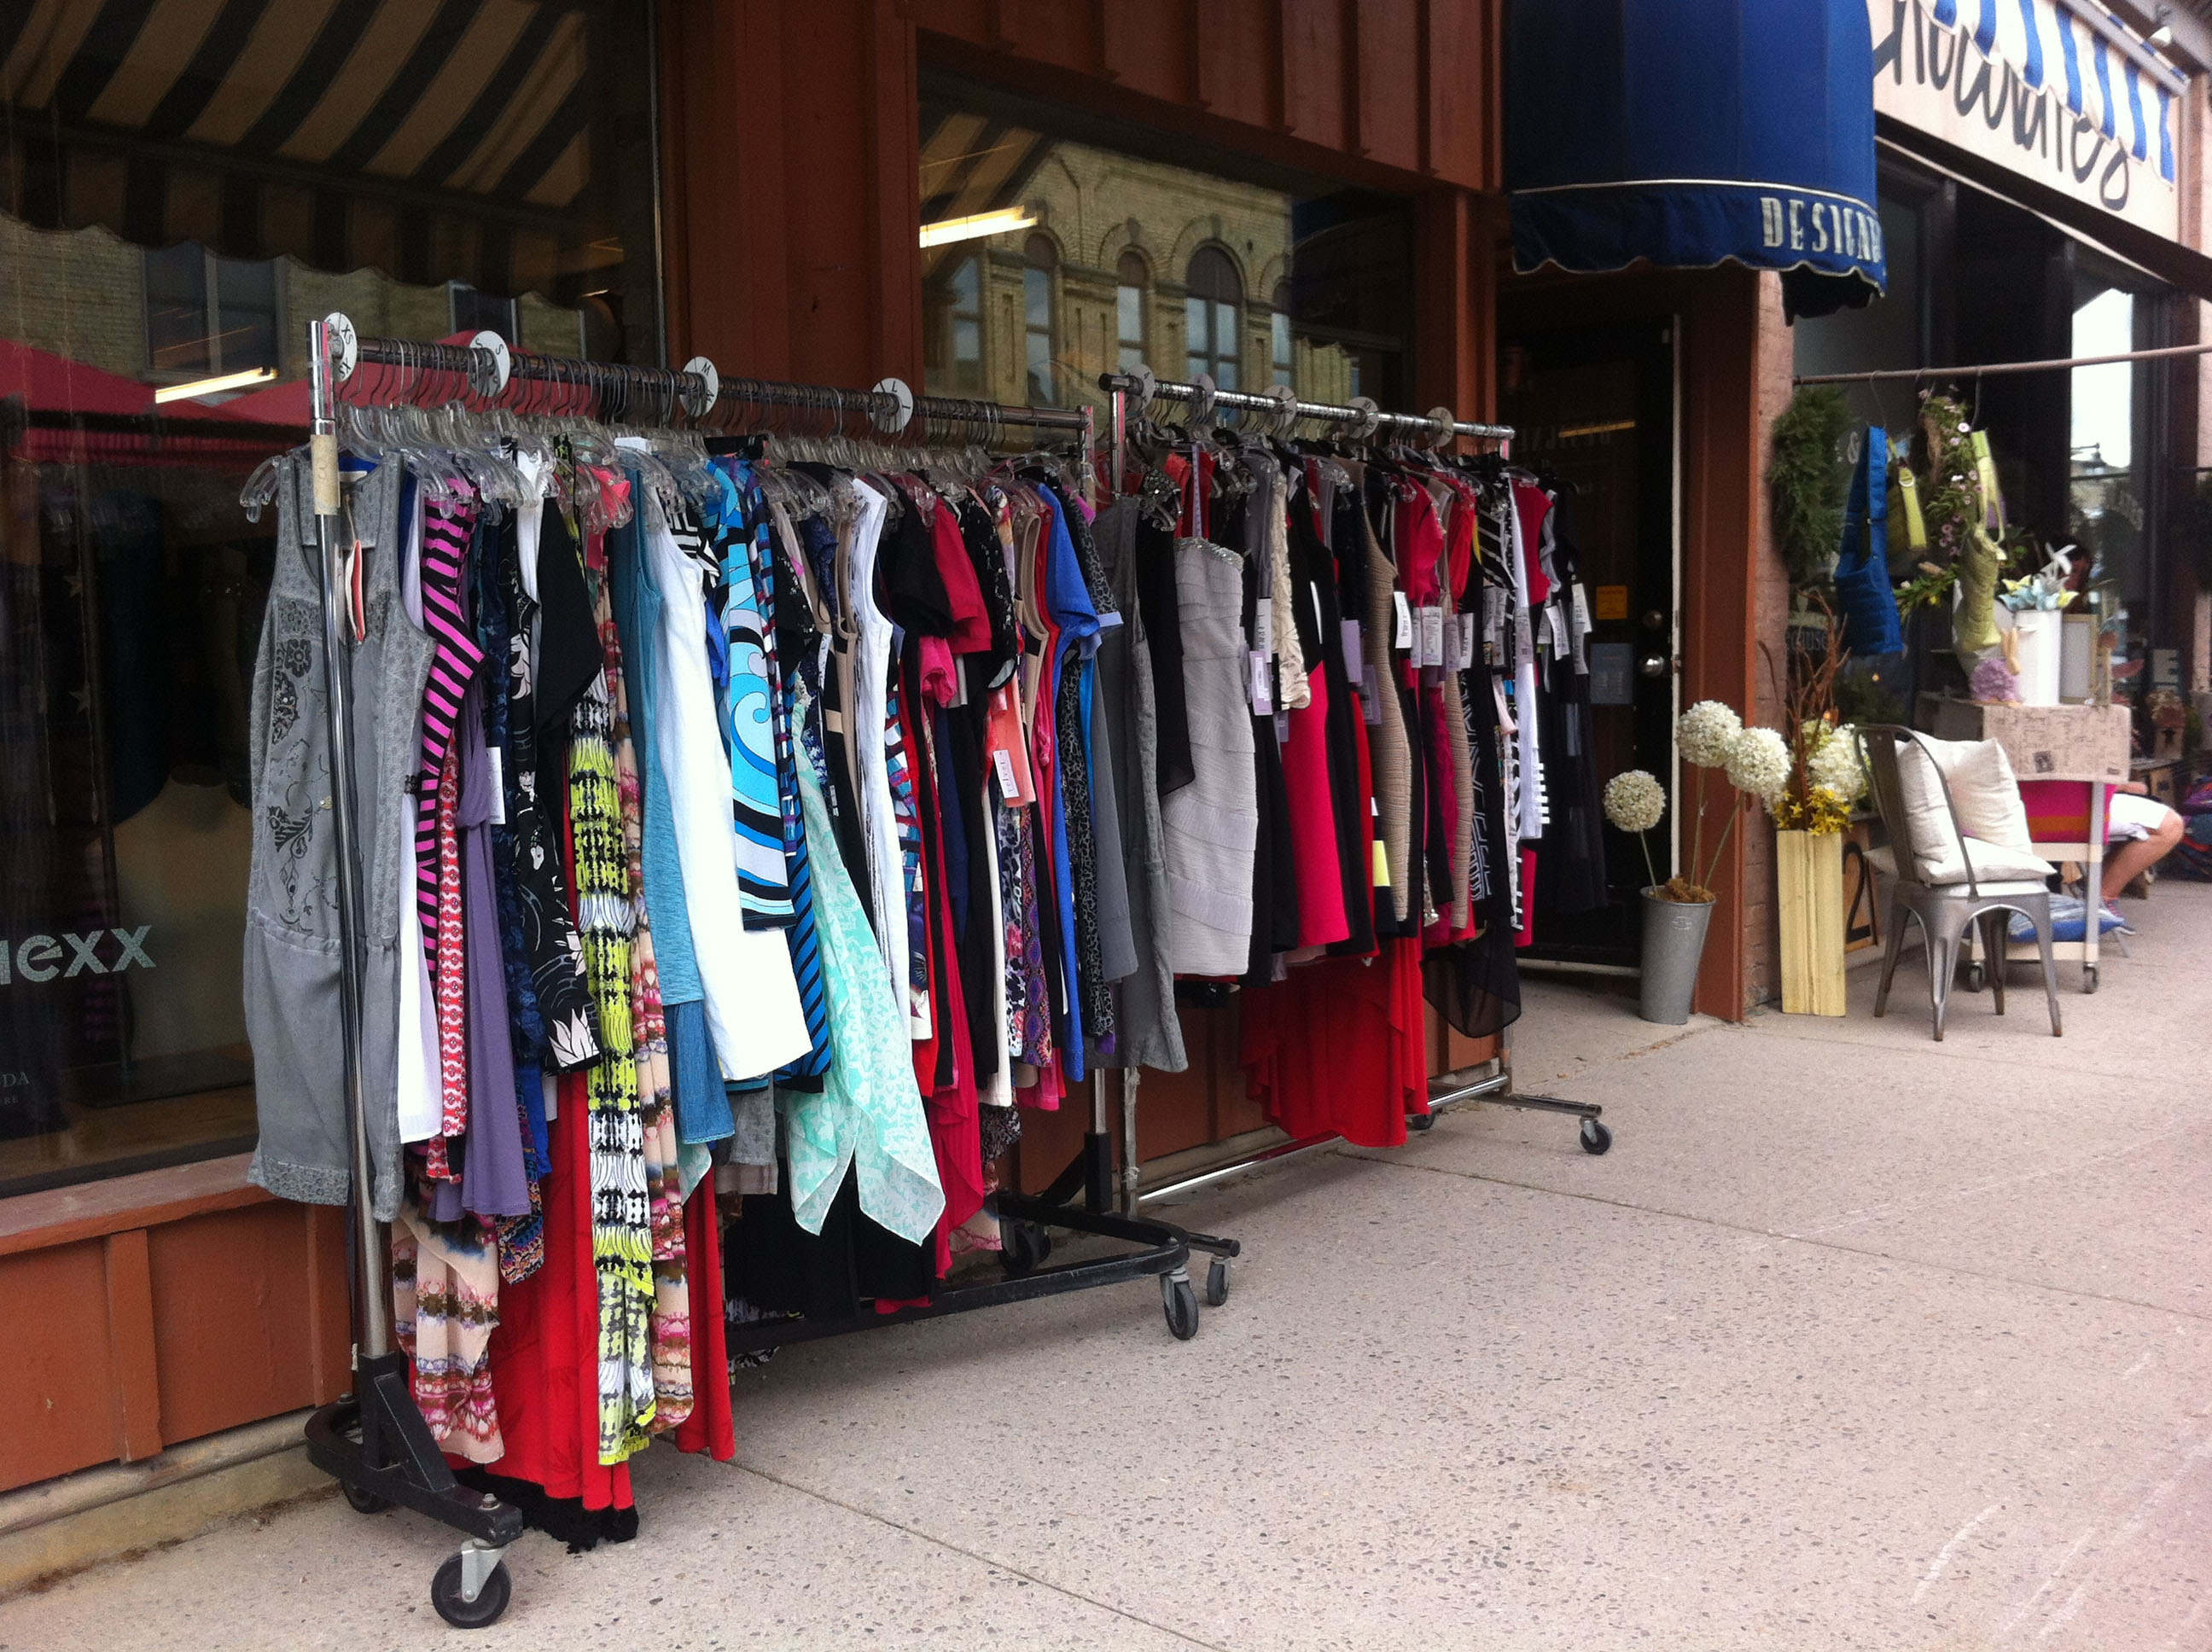 Sidewalk Sales - Designers